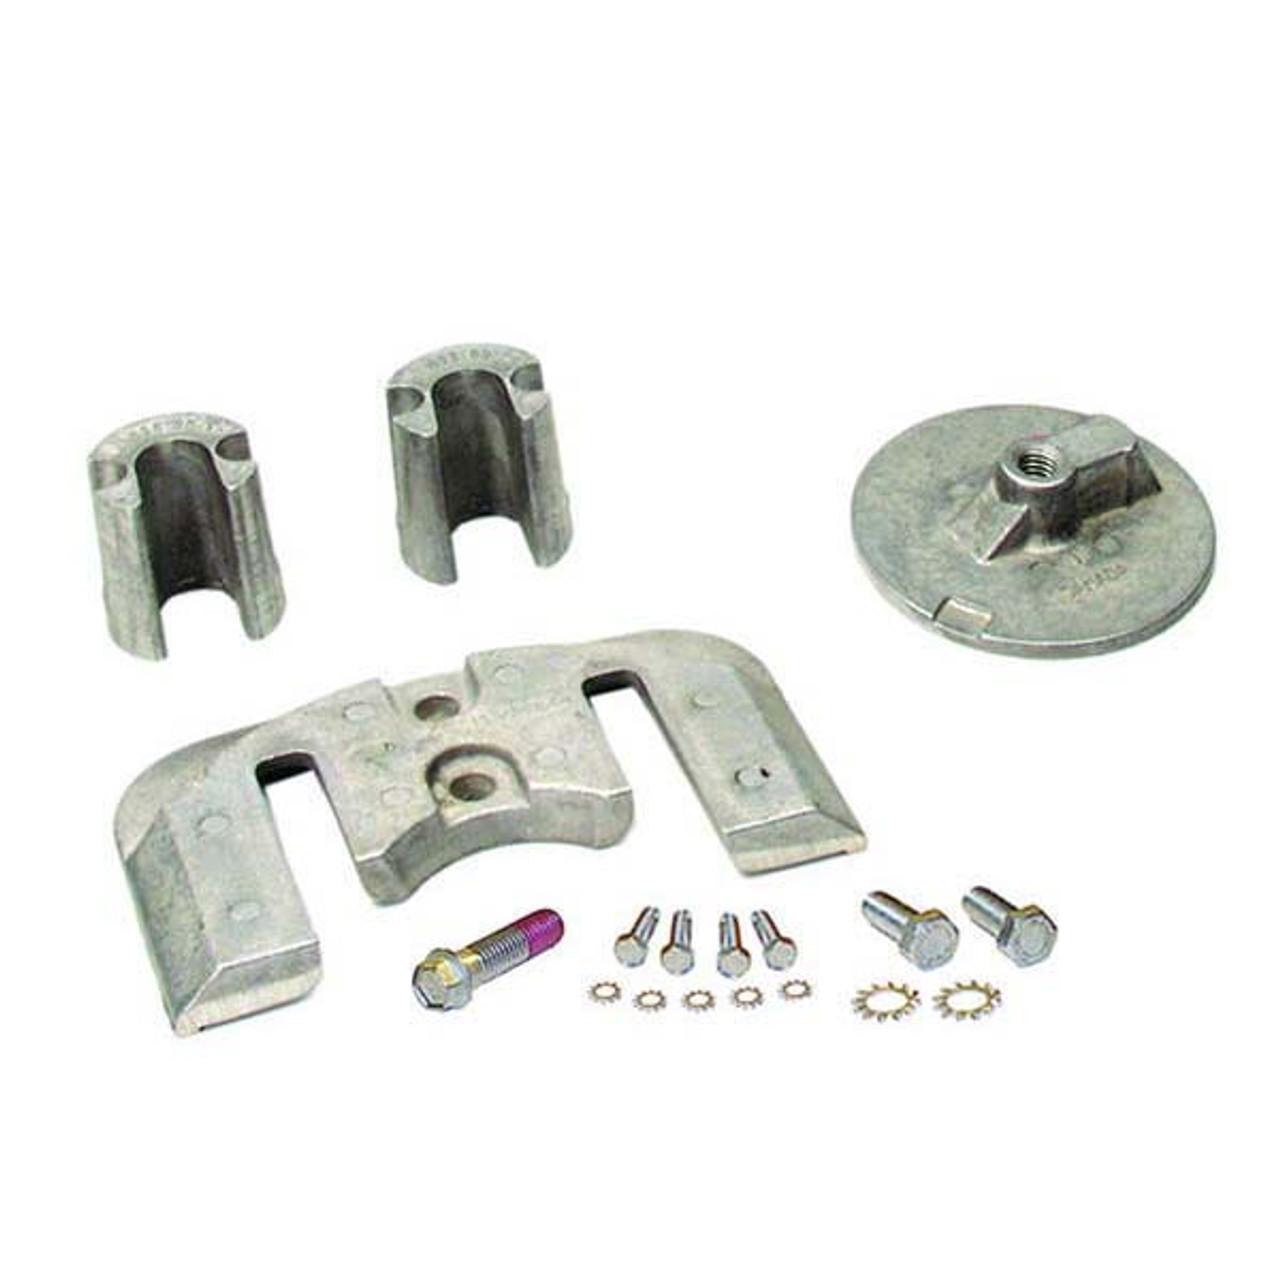 Magnesium Anode Kit for Mercruiser R MR /& Alpha 1 Gen 1 1983-1990 97-888756Q04